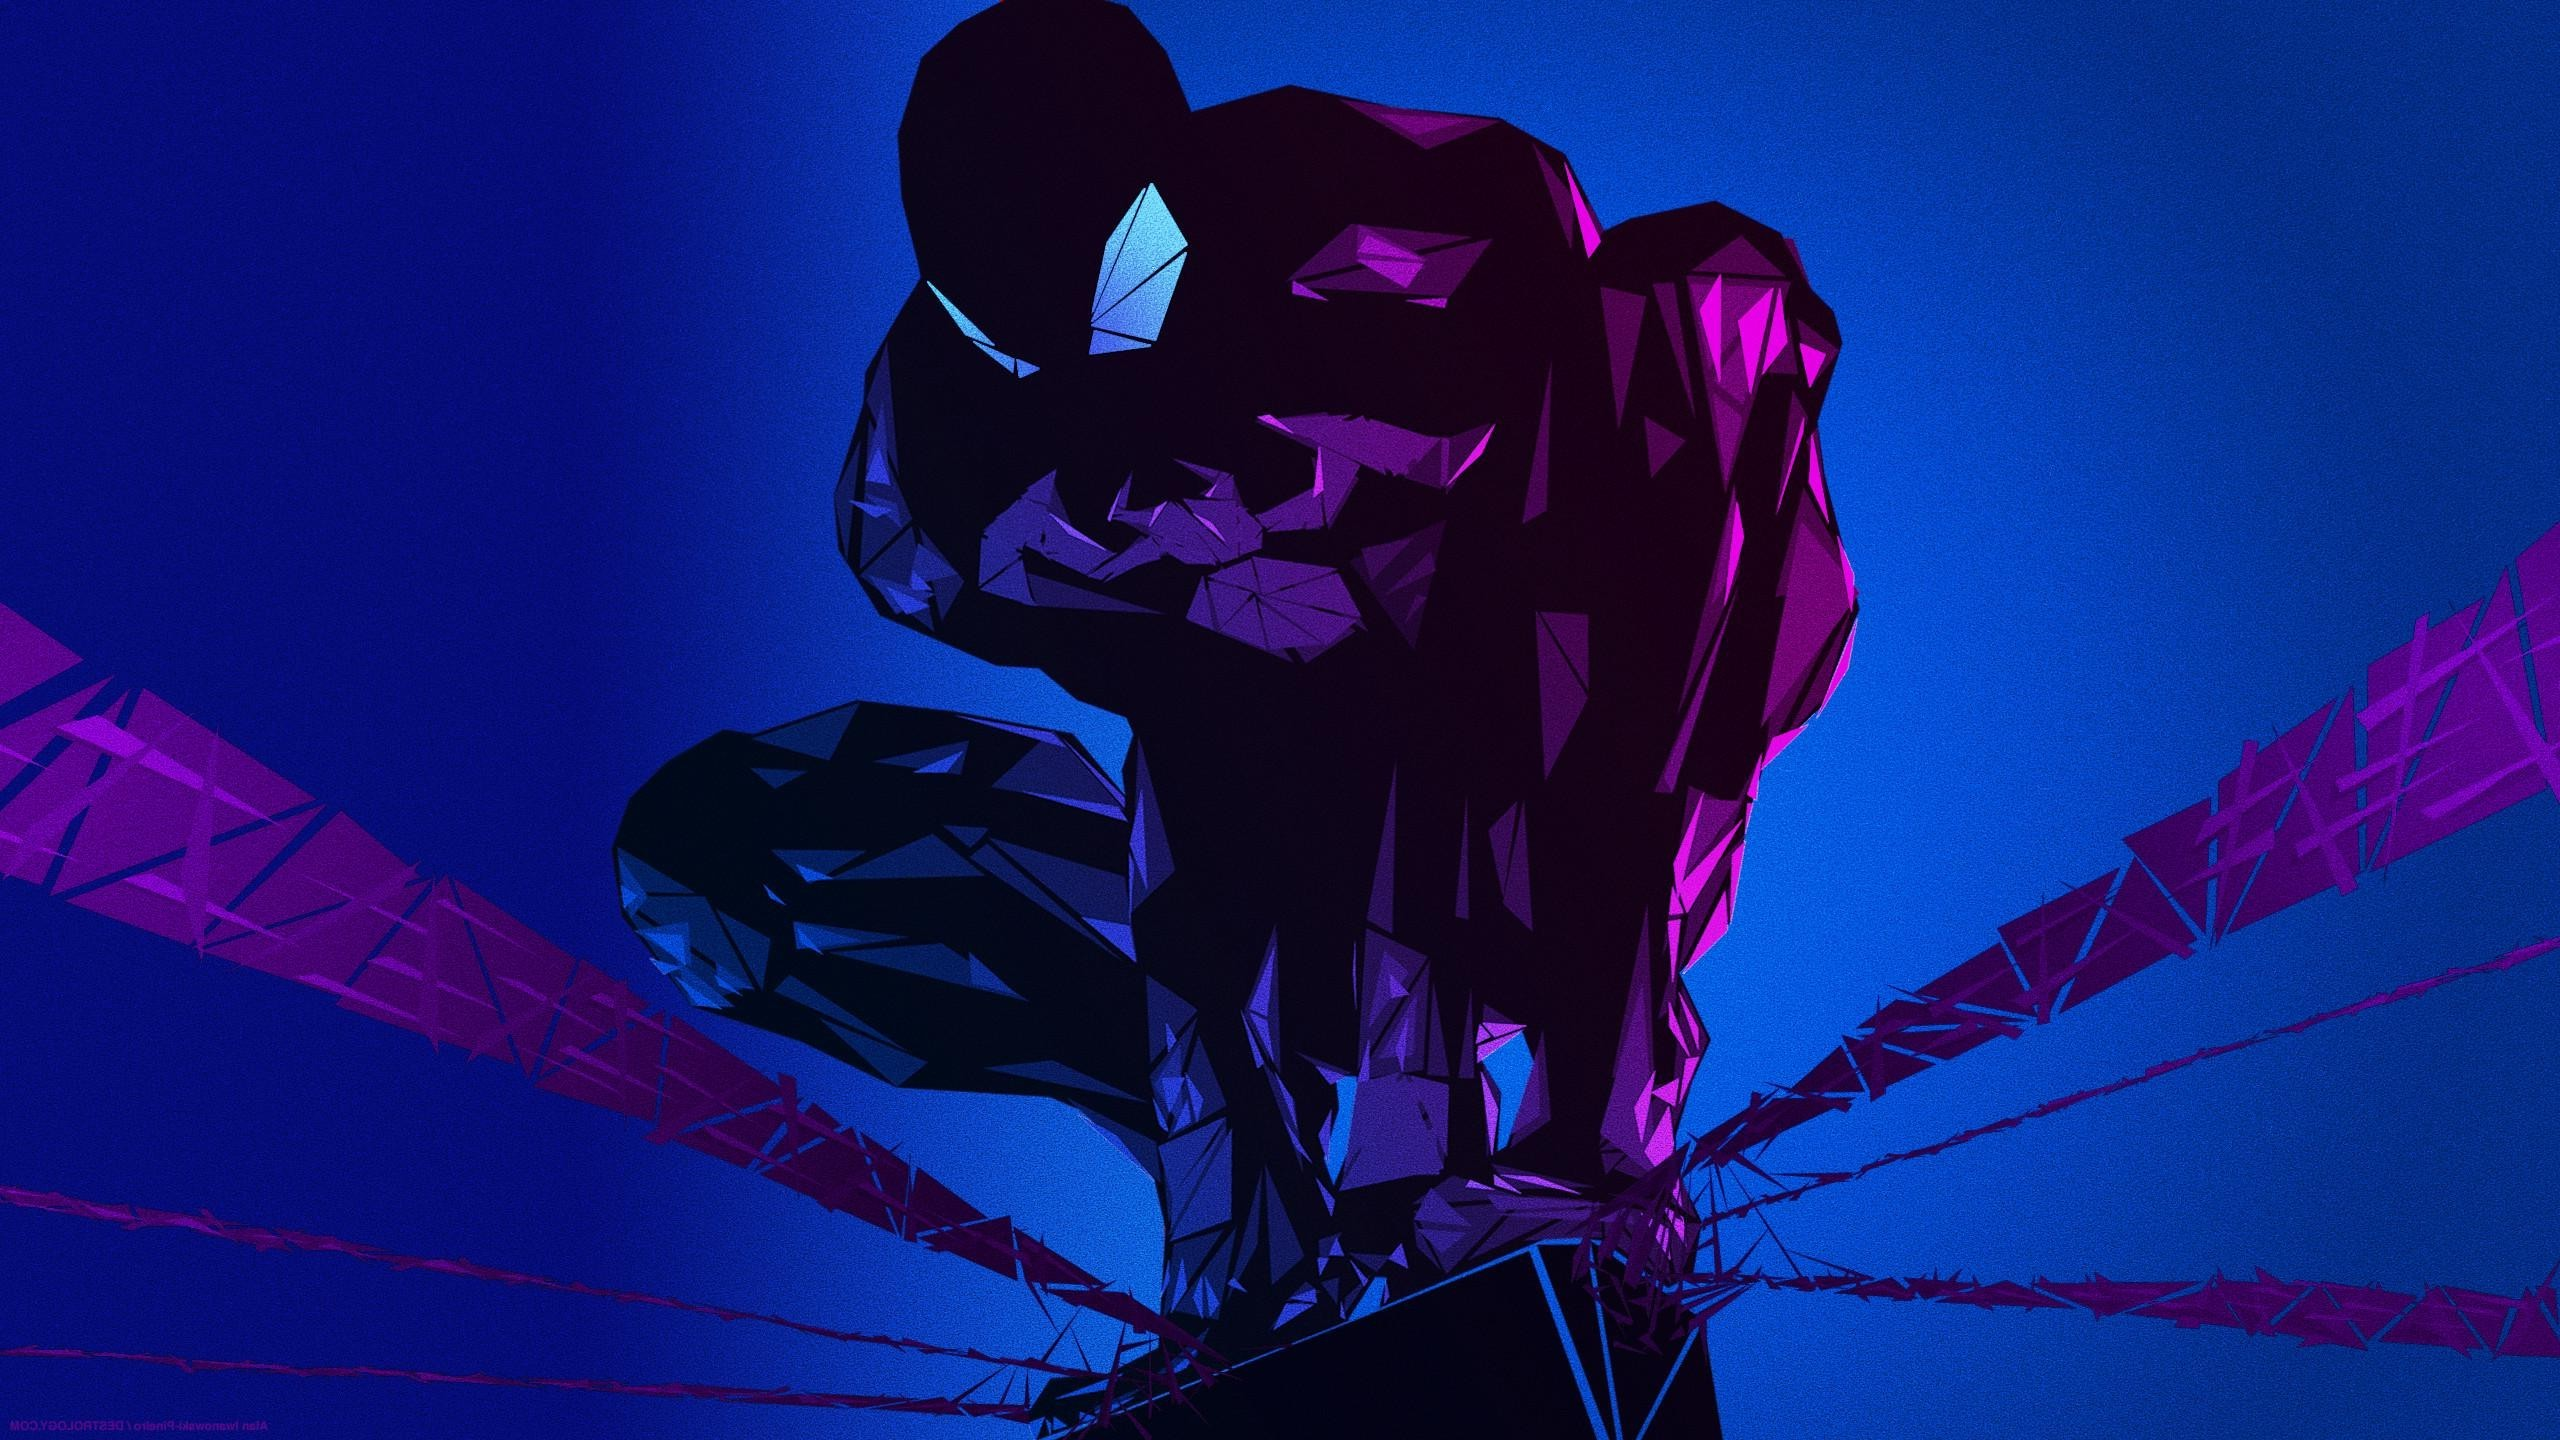 Spider-man-wallpaper-wpt720139